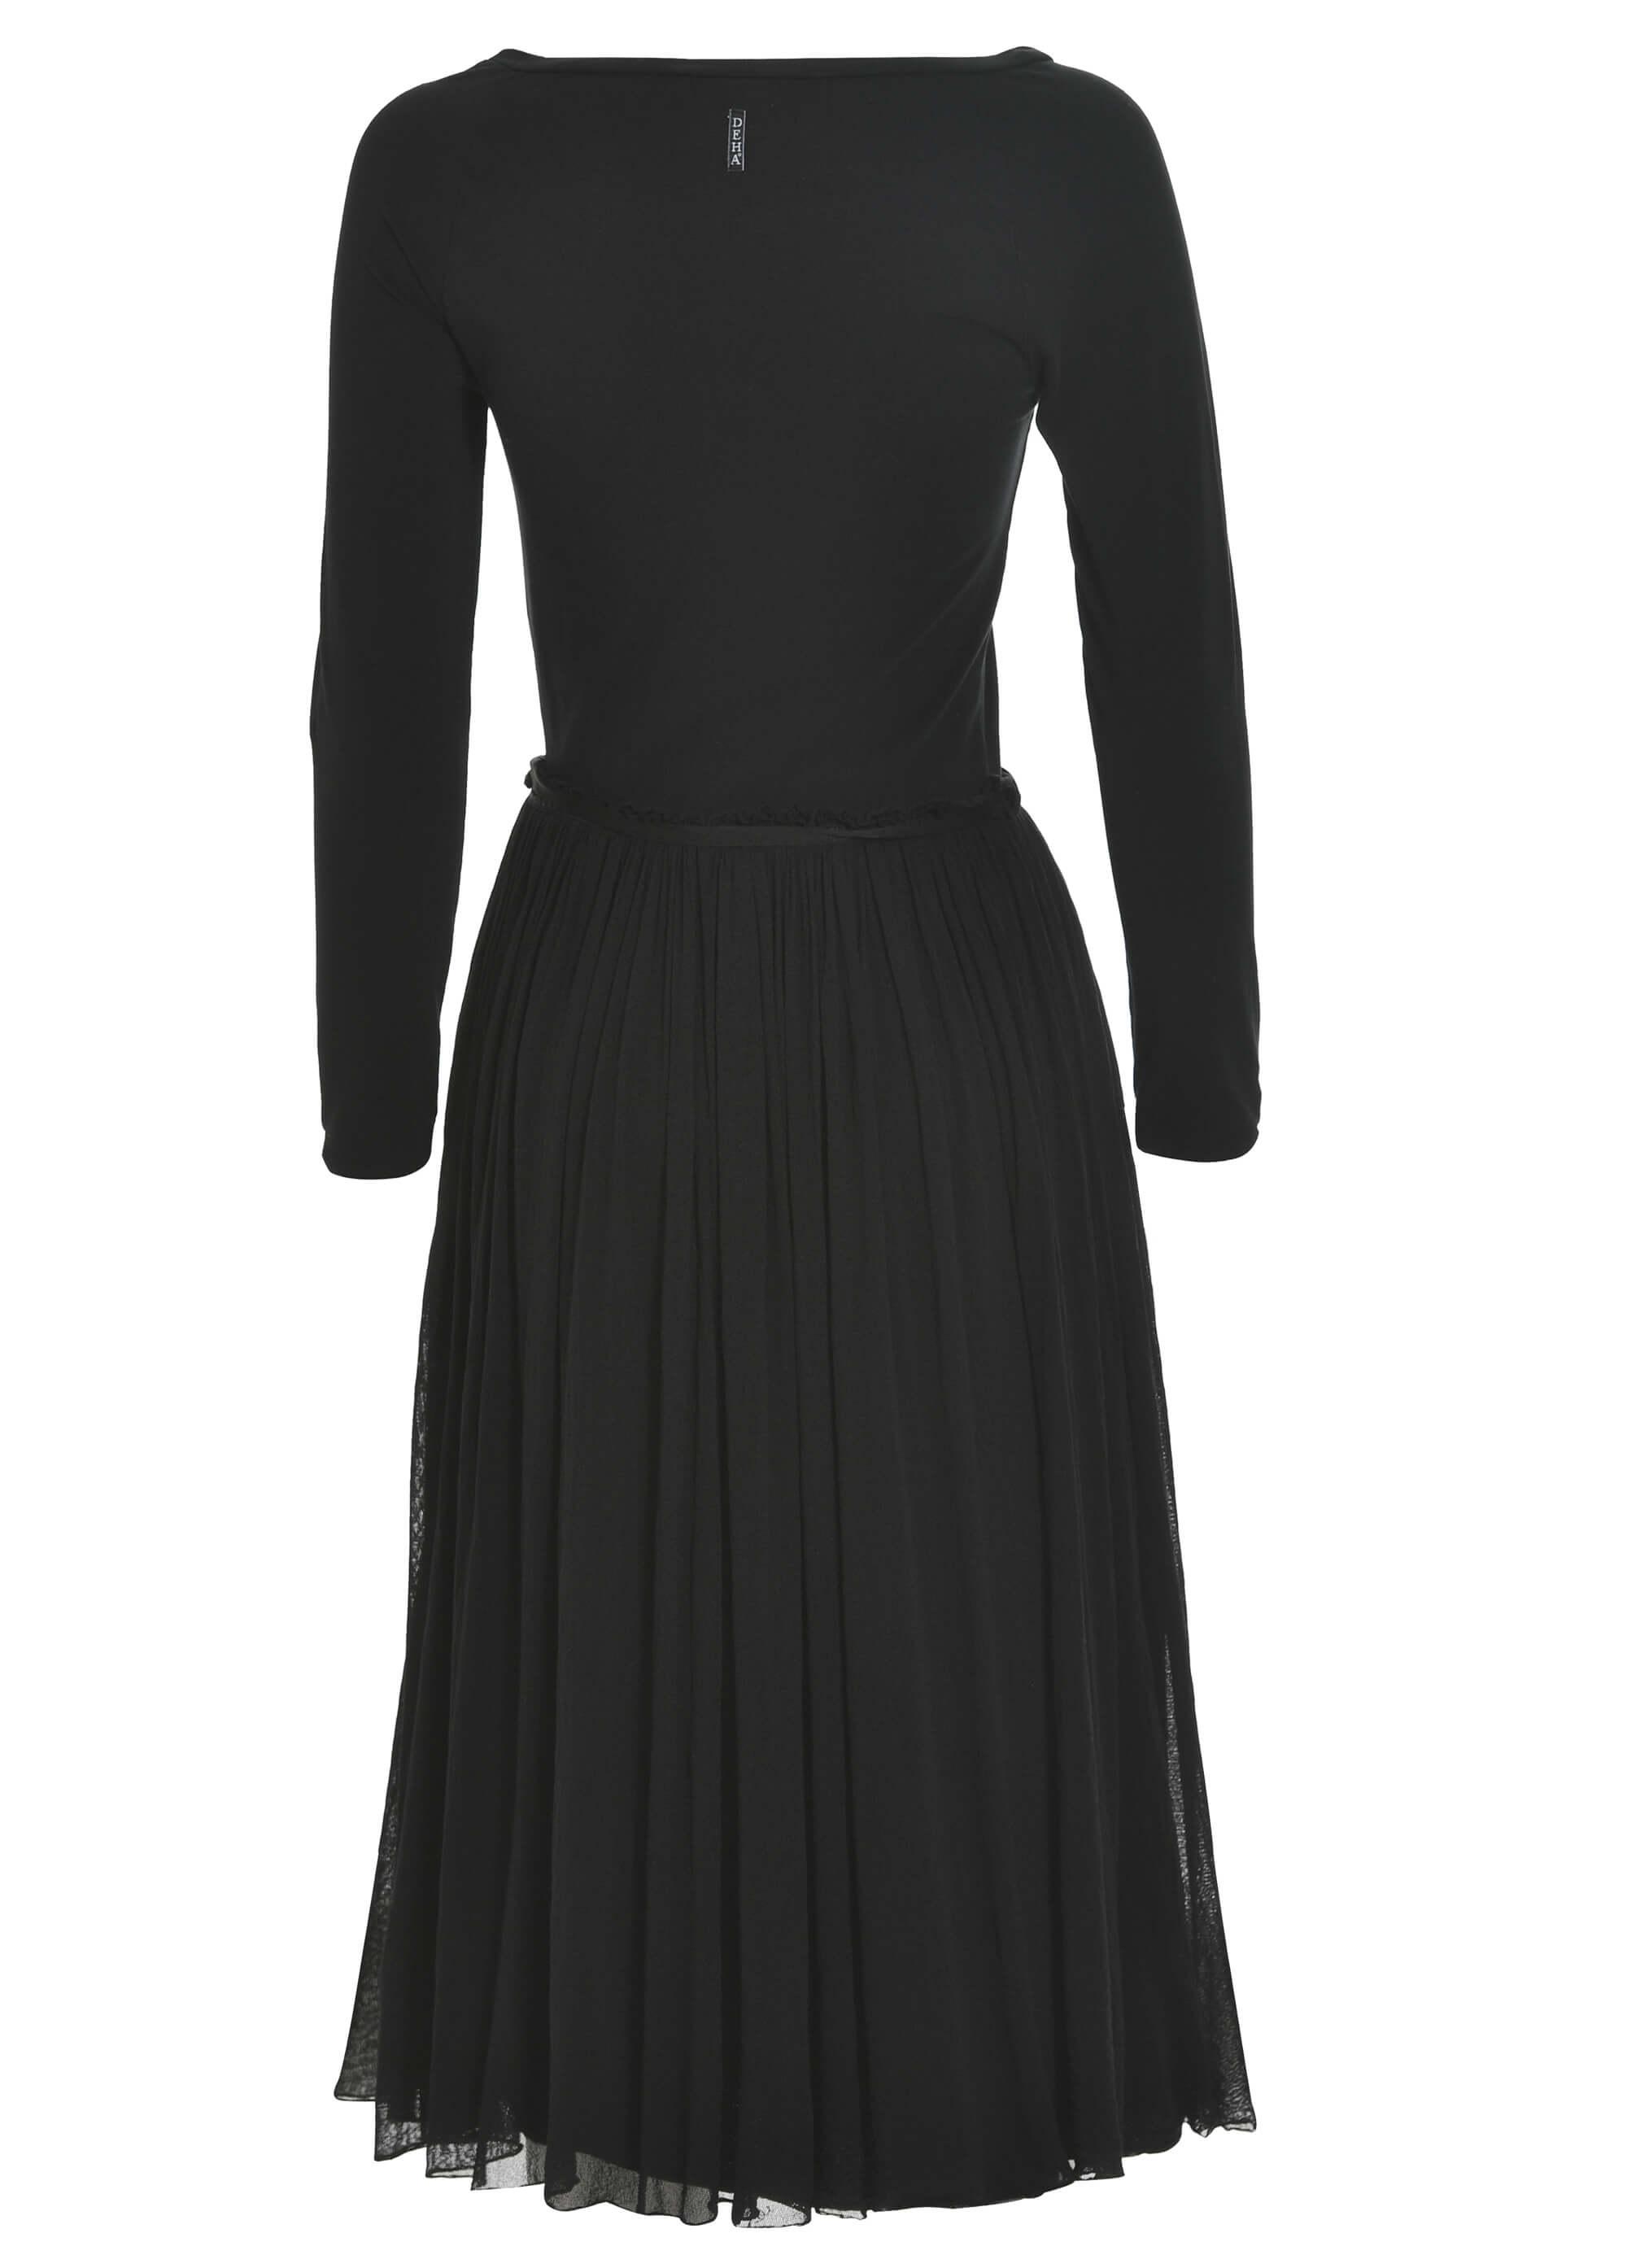 33abf27d9bf7 Deha Dámske šaty Dress B84000 Black V akcii. Predchádzajúci  Ďalšie